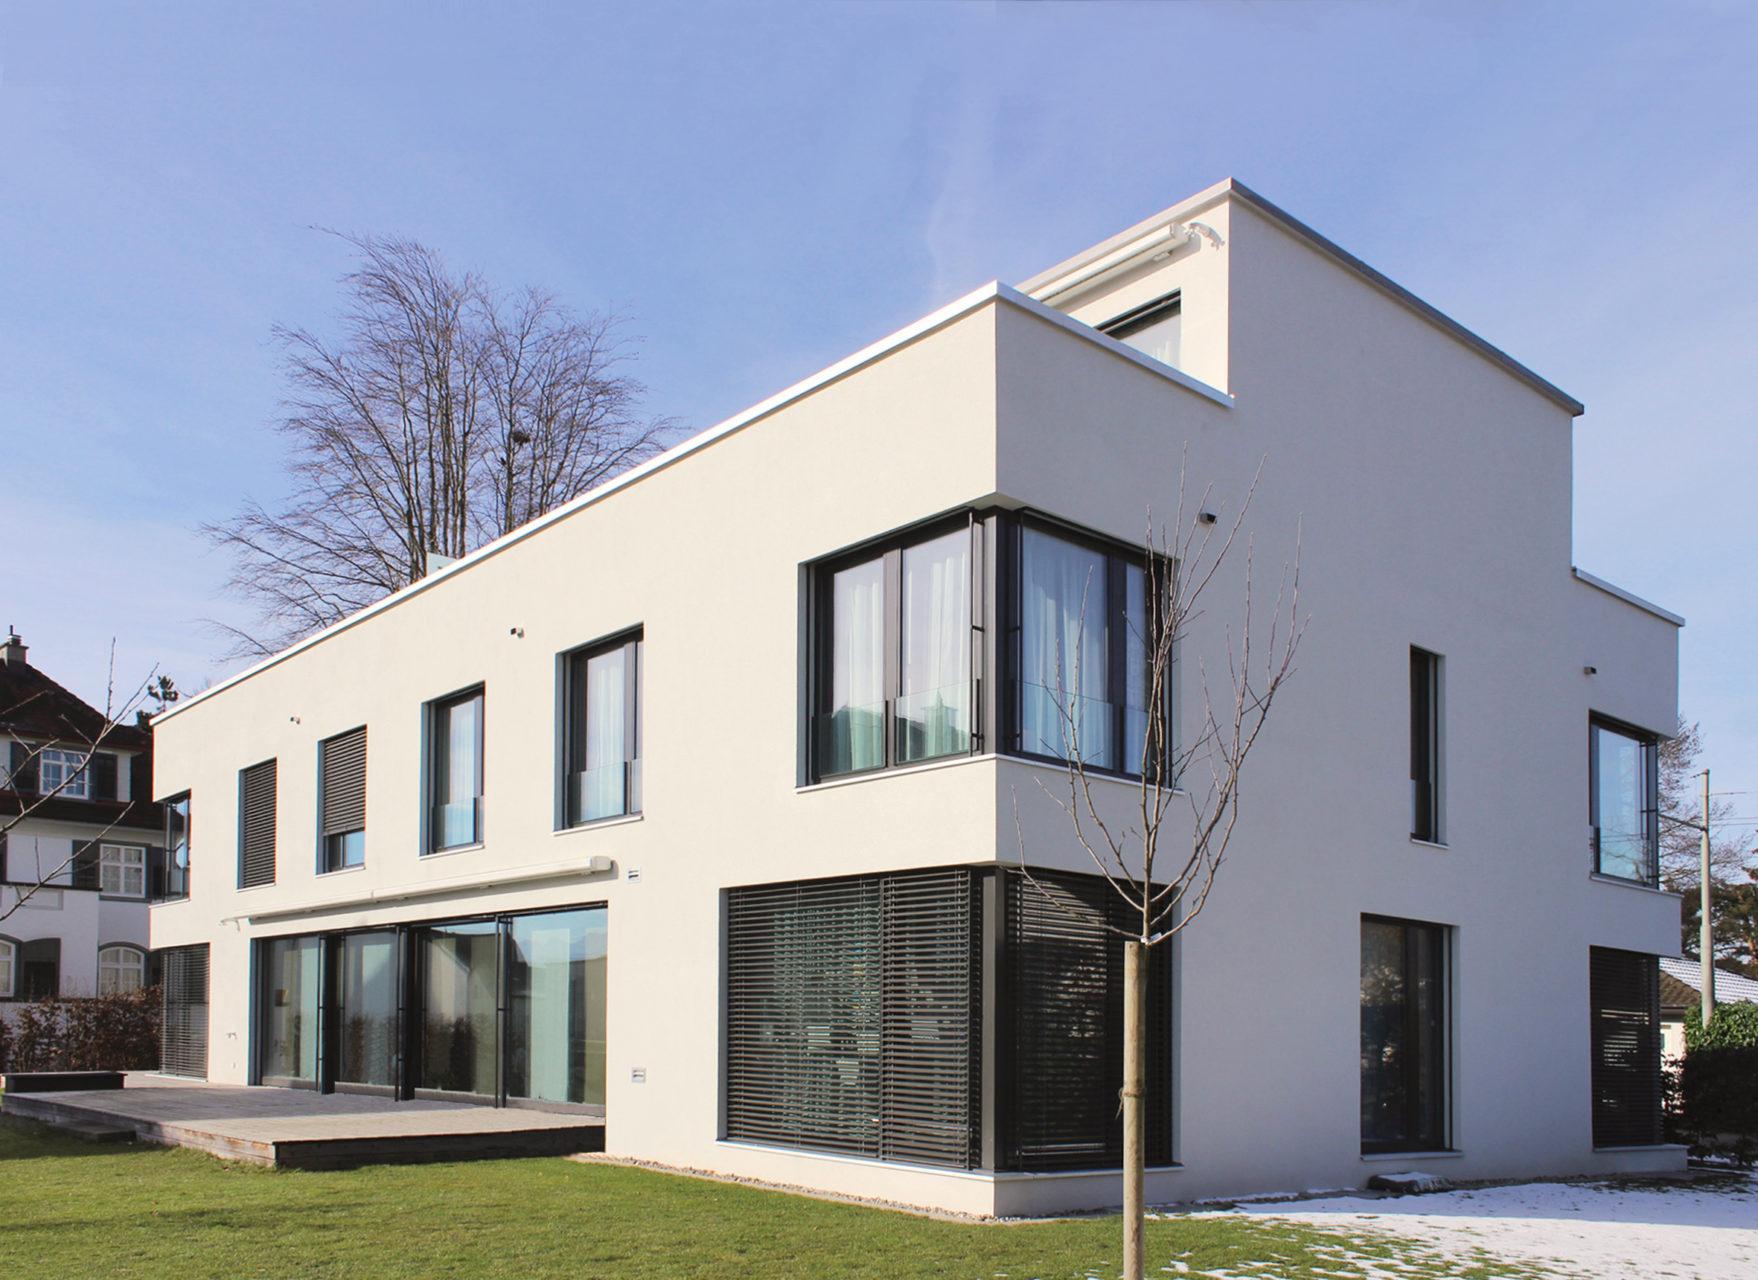 sanierung und neubau h user berghaldenpark n architekten. Black Bedroom Furniture Sets. Home Design Ideas